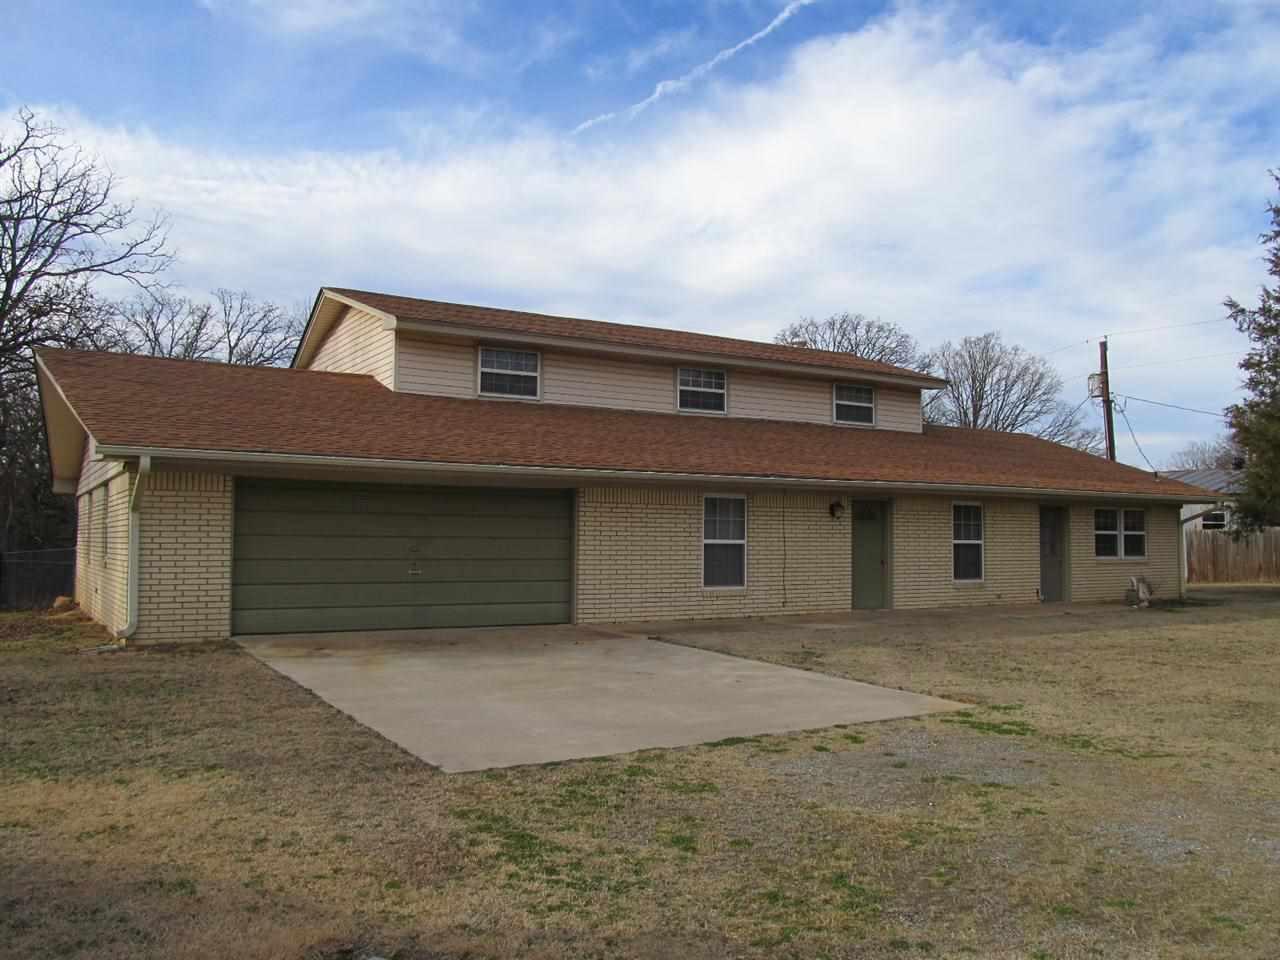 874 S Texoma Rd, Mead, OK 73449